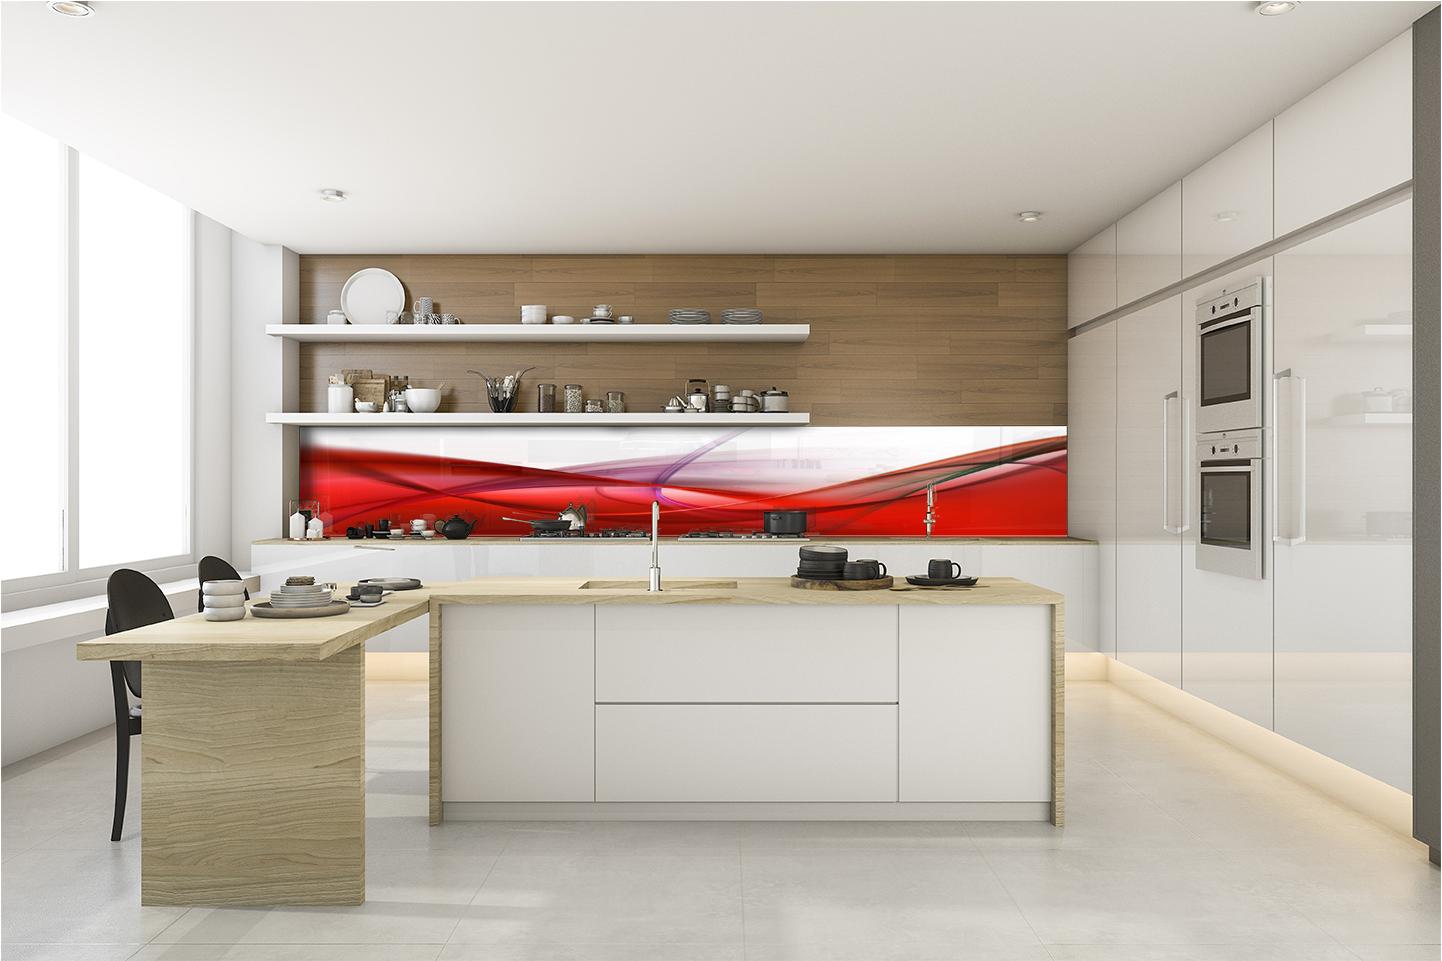 Paraschizzi rivestimento da parete cucina moderna astratto rosso linee bianco ebay - Rivestimento da parete cucina ...